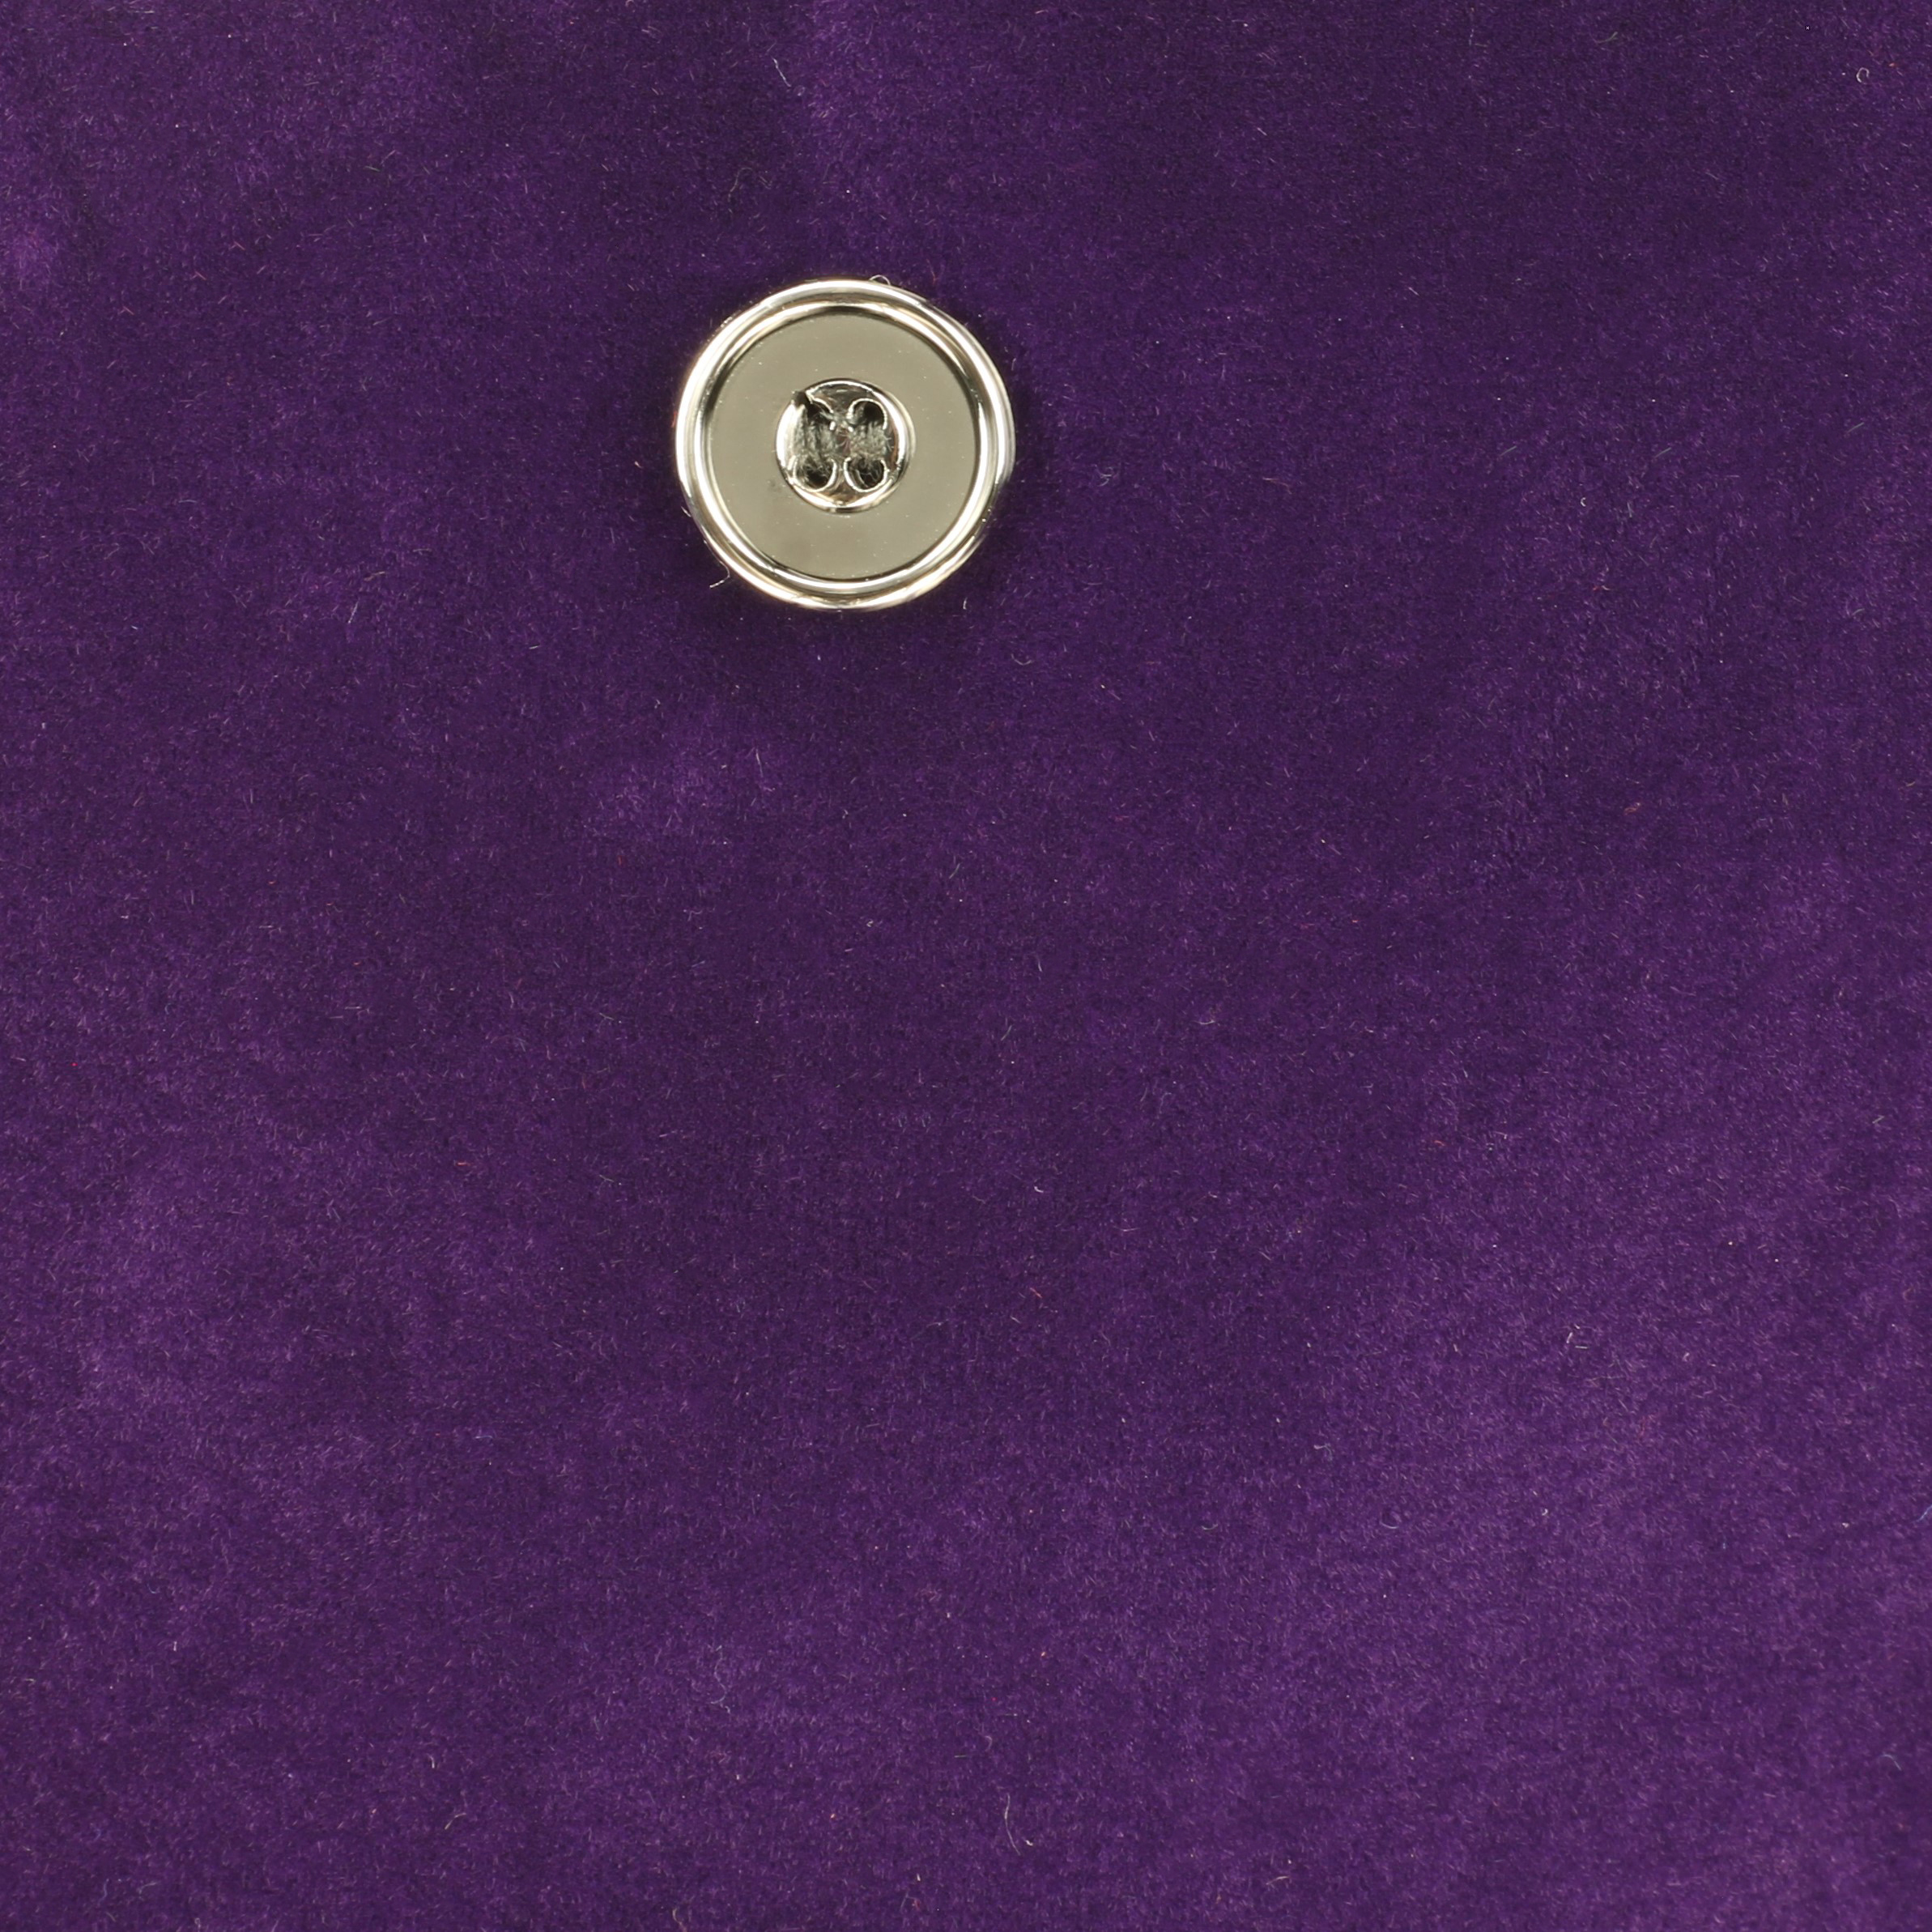 Para-hombre-Traje-de-3-Piezas-Vintage-De-Terciopelo-Violeta-Esmoquin-Chaqueta-de-Abrigo-Chaleco miniatura 29